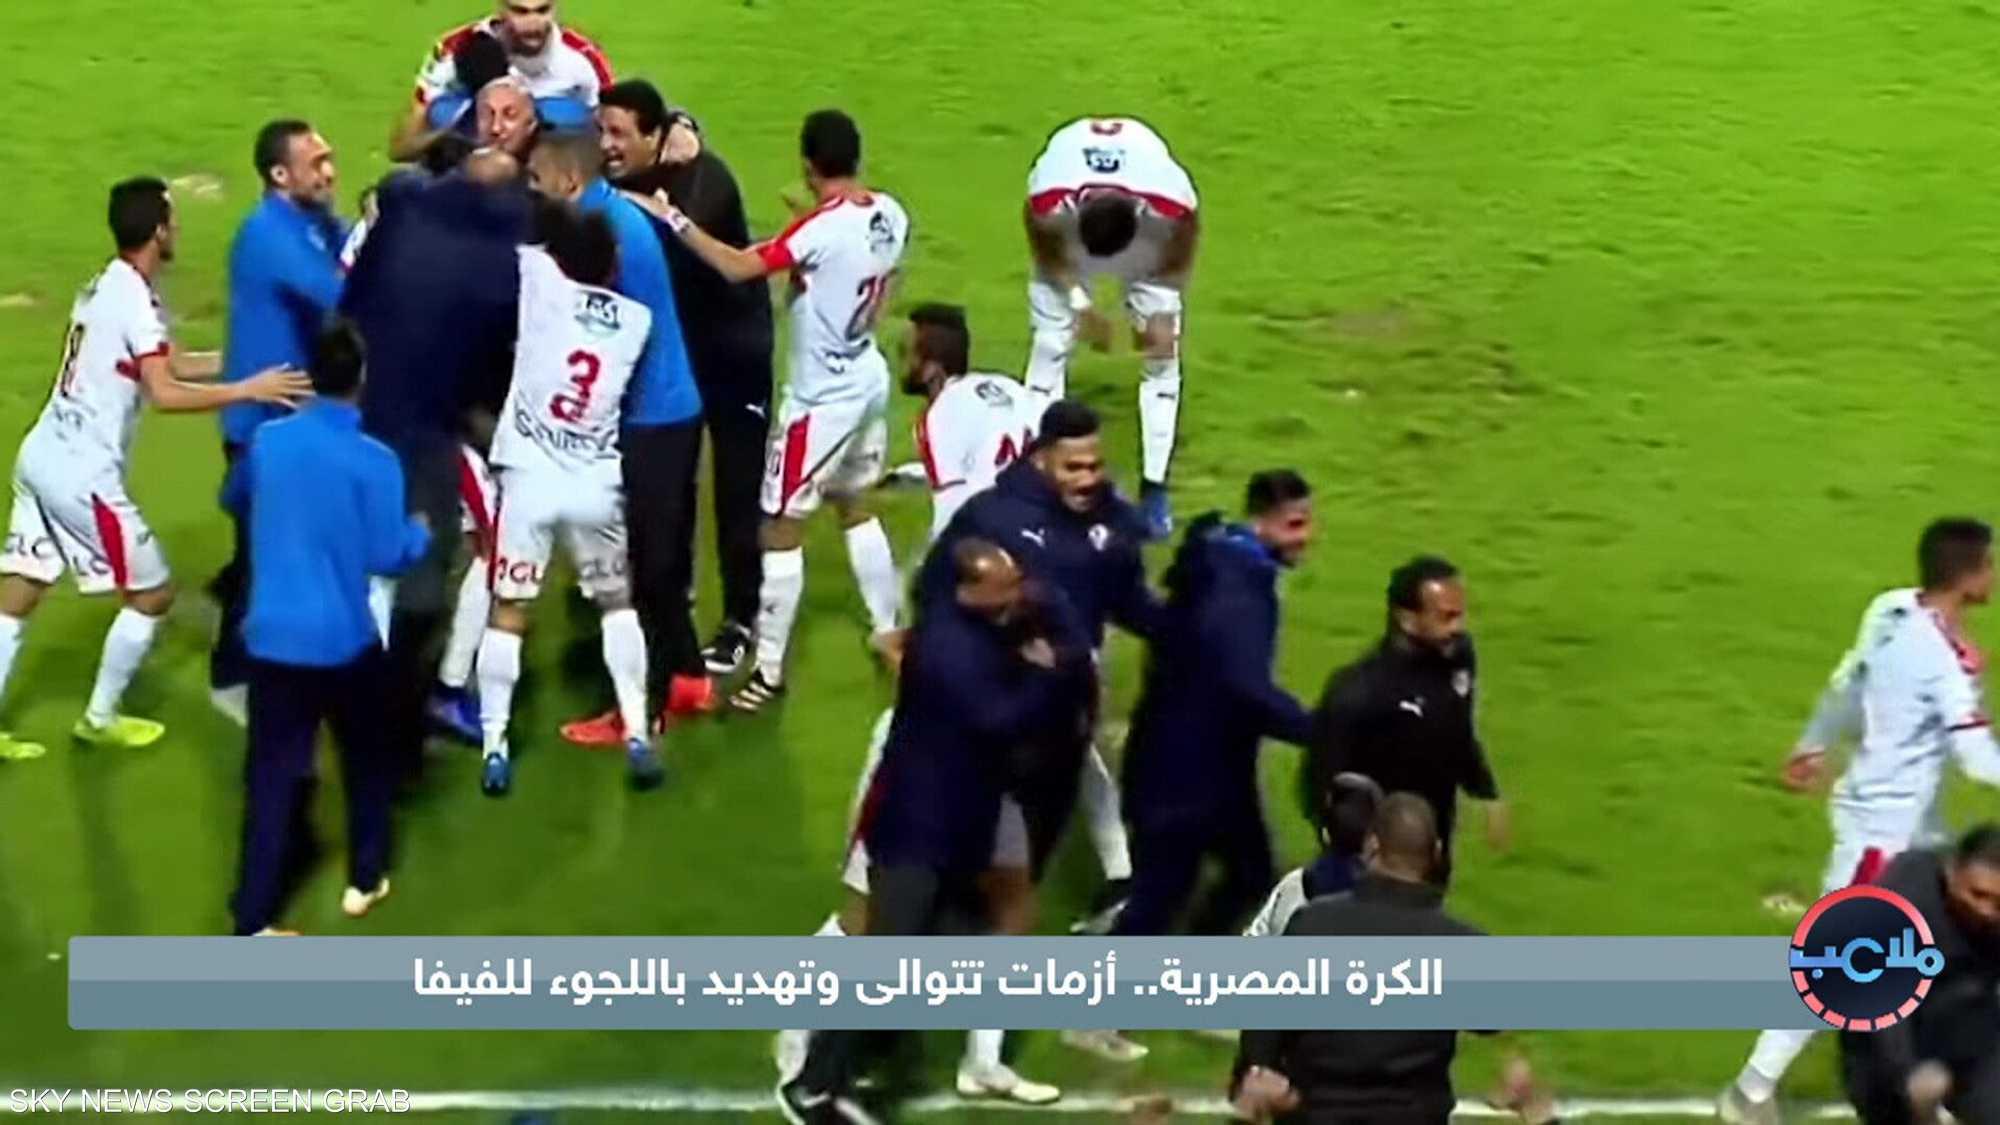 الكرة المصرية.. أزمات تتوالى وتهديد باللجوء للفيفا